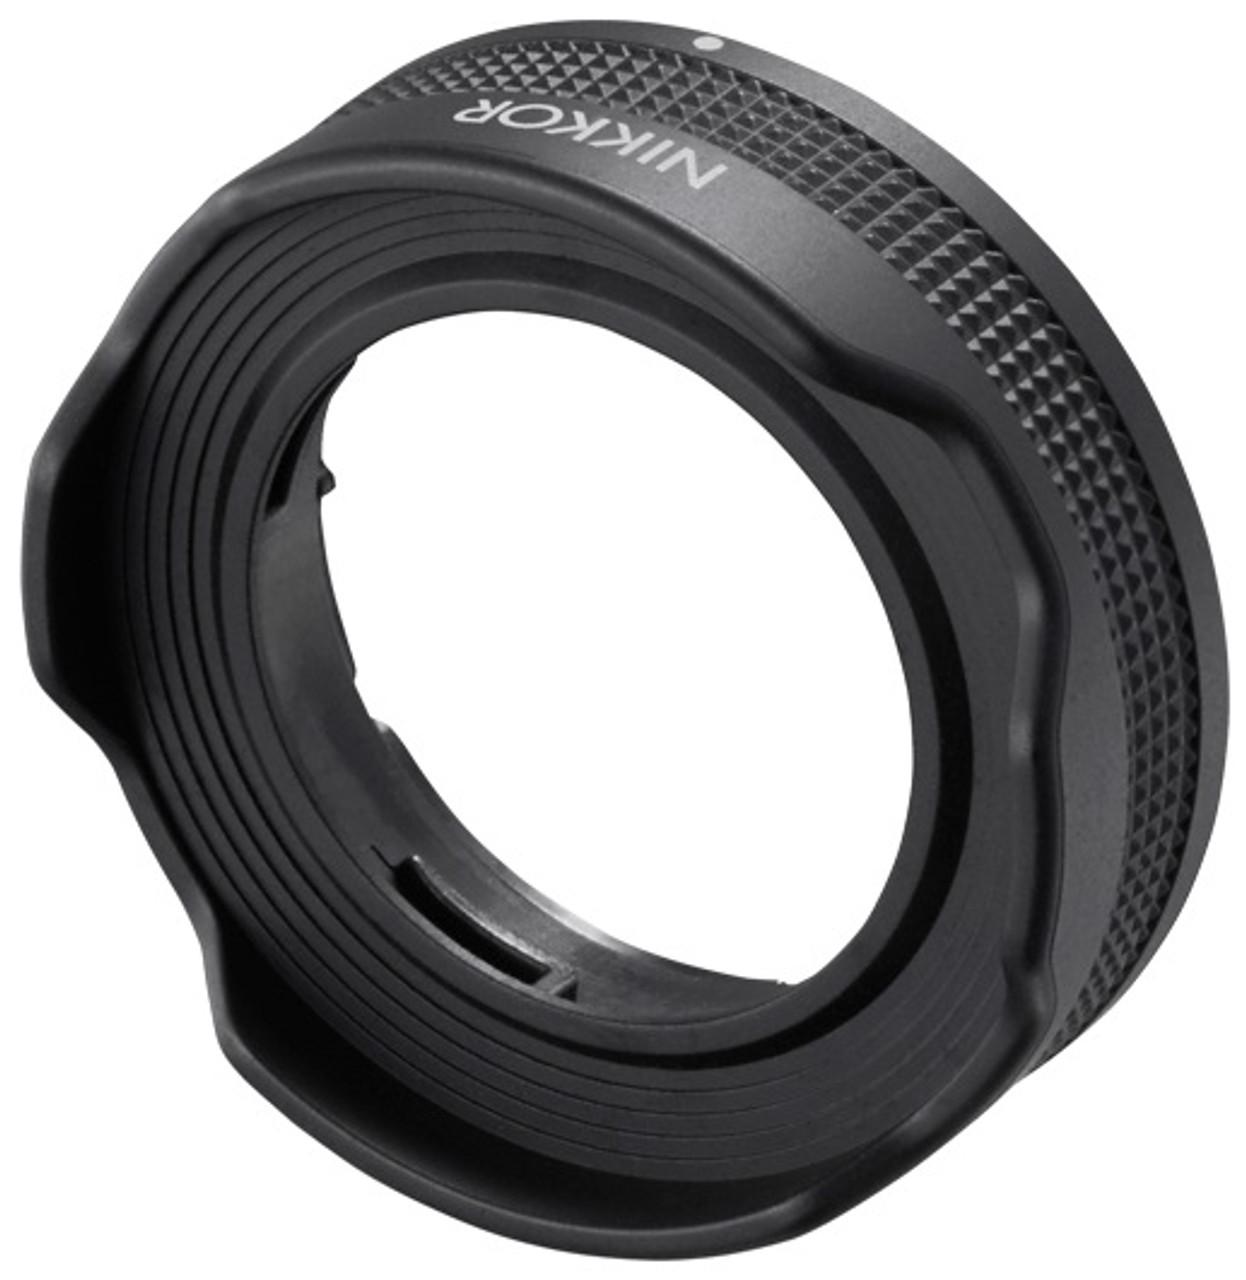 Nikon AA-14B Lens Protector